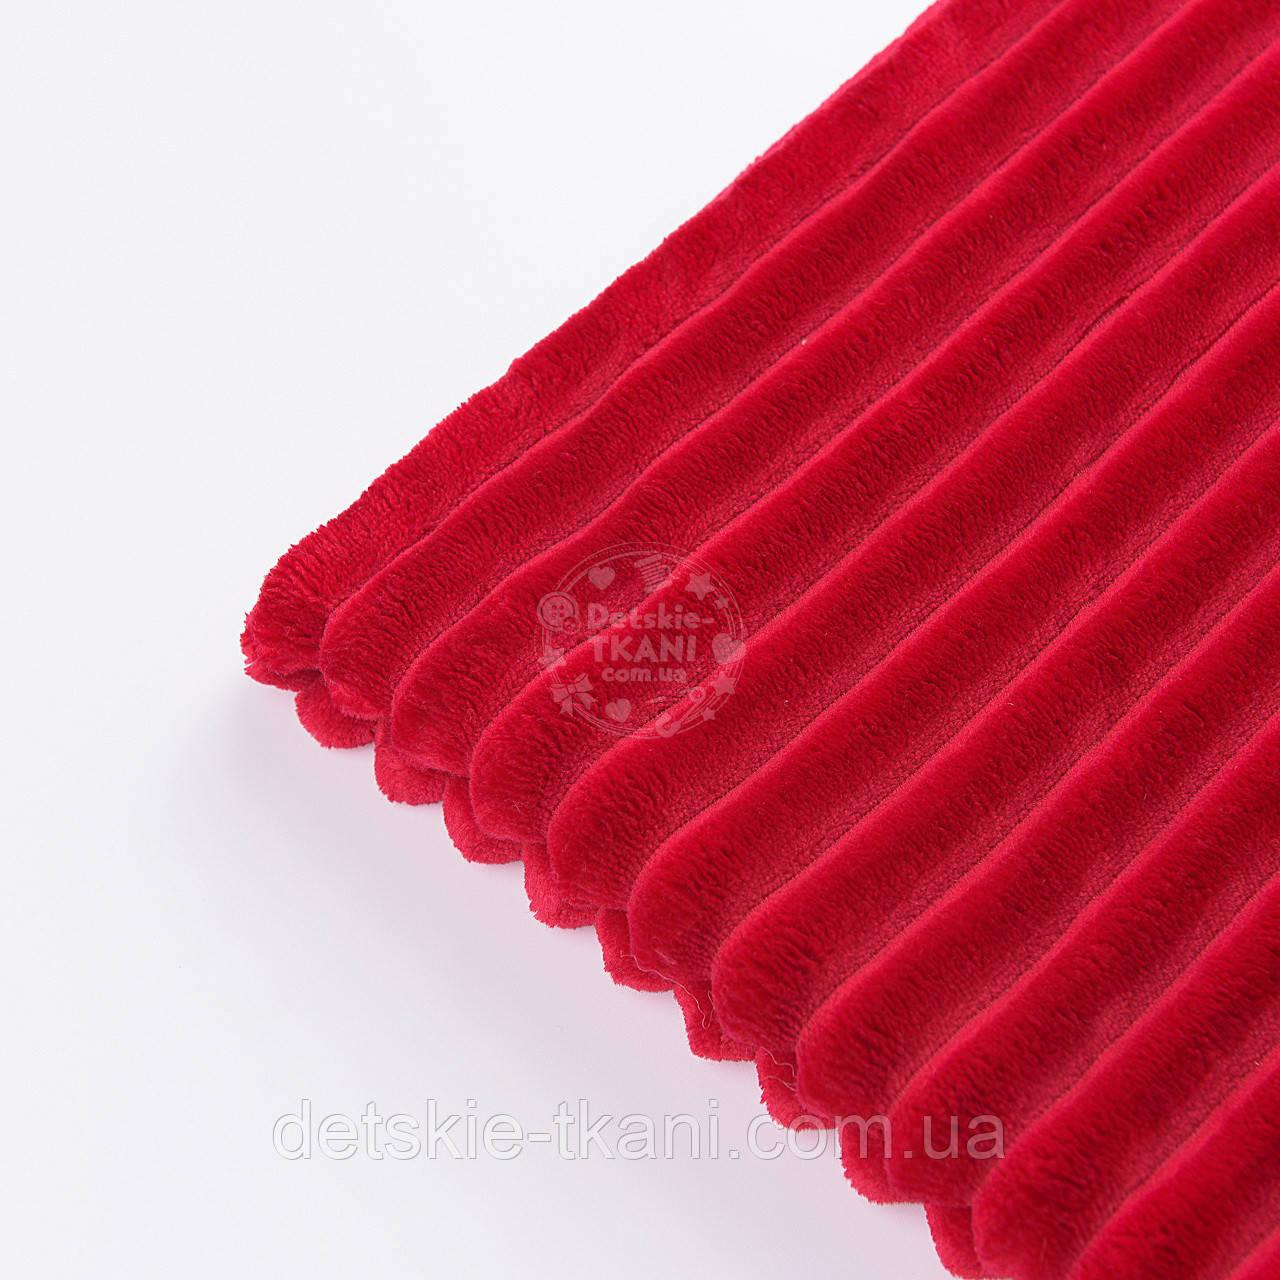 Лоскут плюш Stripes для пледа, цвет красный, размер 80*55 см